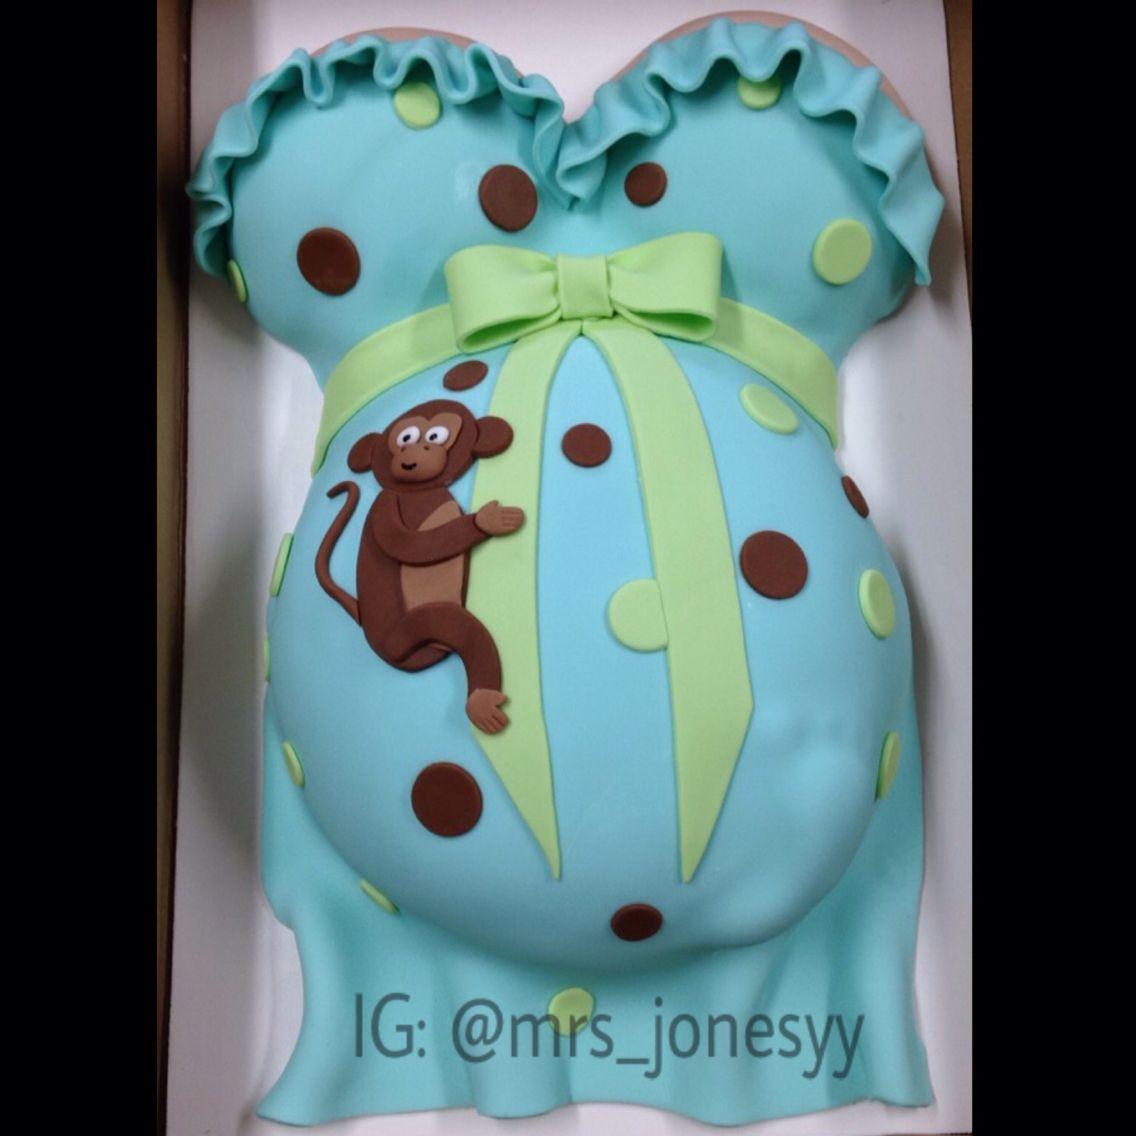 My monkey themed baby shower cake pregnancy and baby stuff pinterest monkey themed baby - Baby shower cakes monkey theme ...